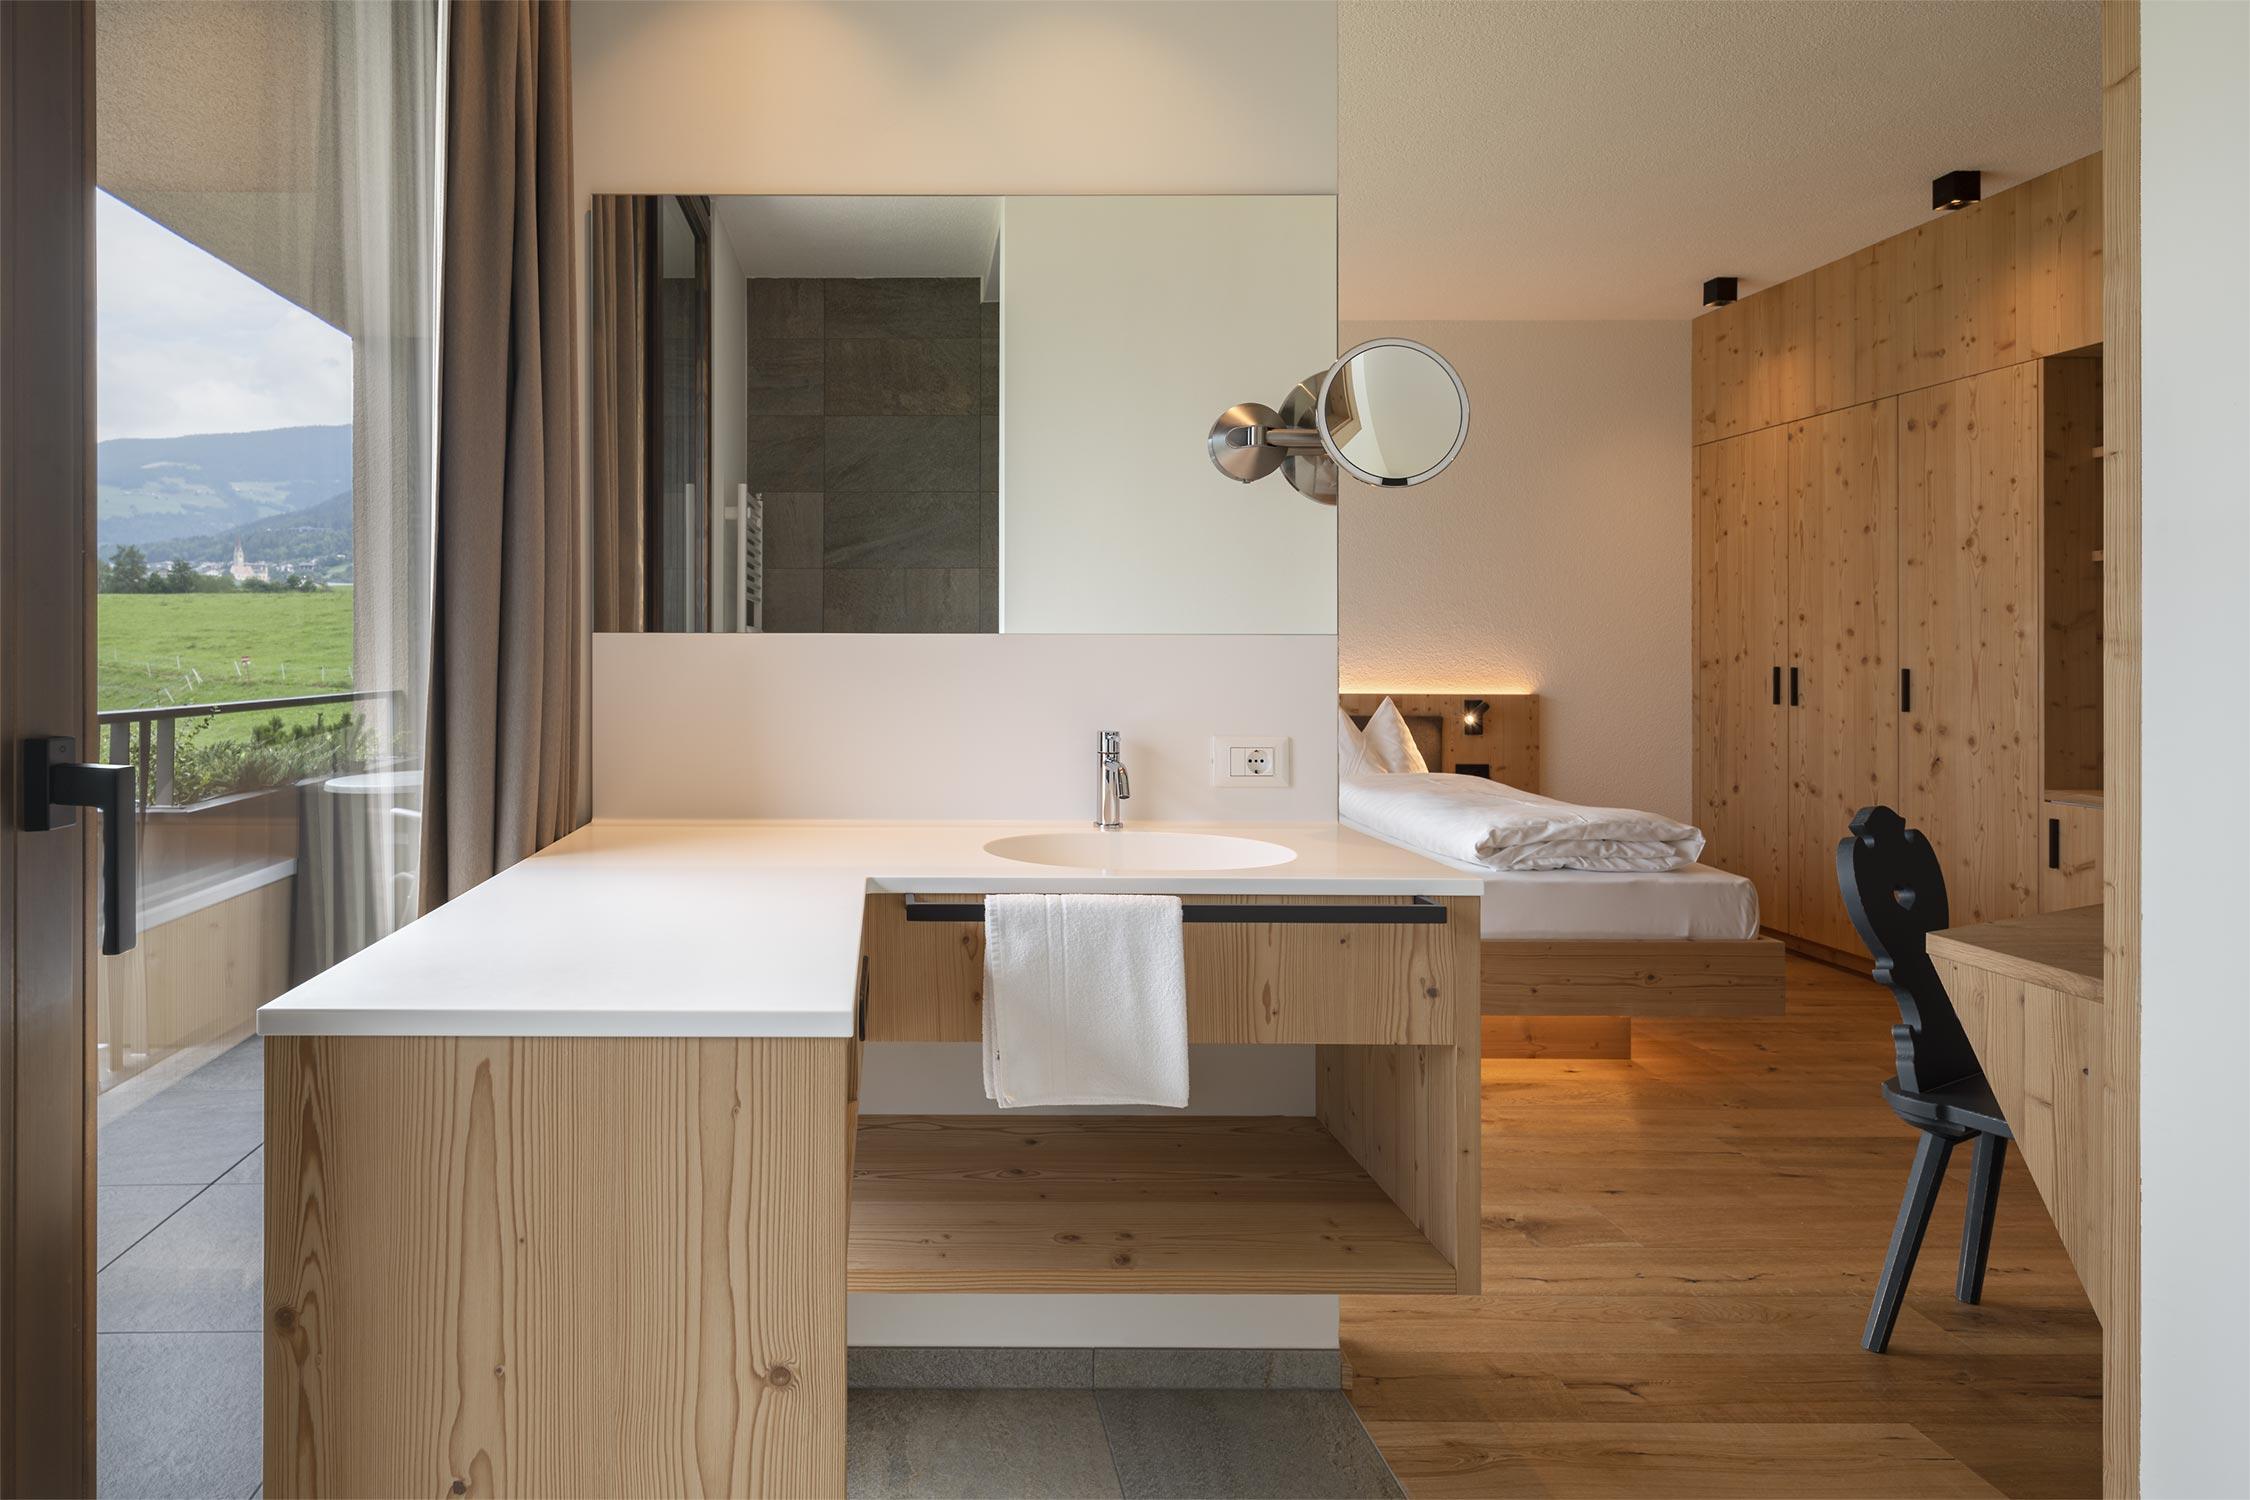 ©HOTEL FISCHER KLERANT - BRESSANONE | PROJECT: ARCH. COMFORT ARCHITECTEN M. MICHELI & M. MUMELTER